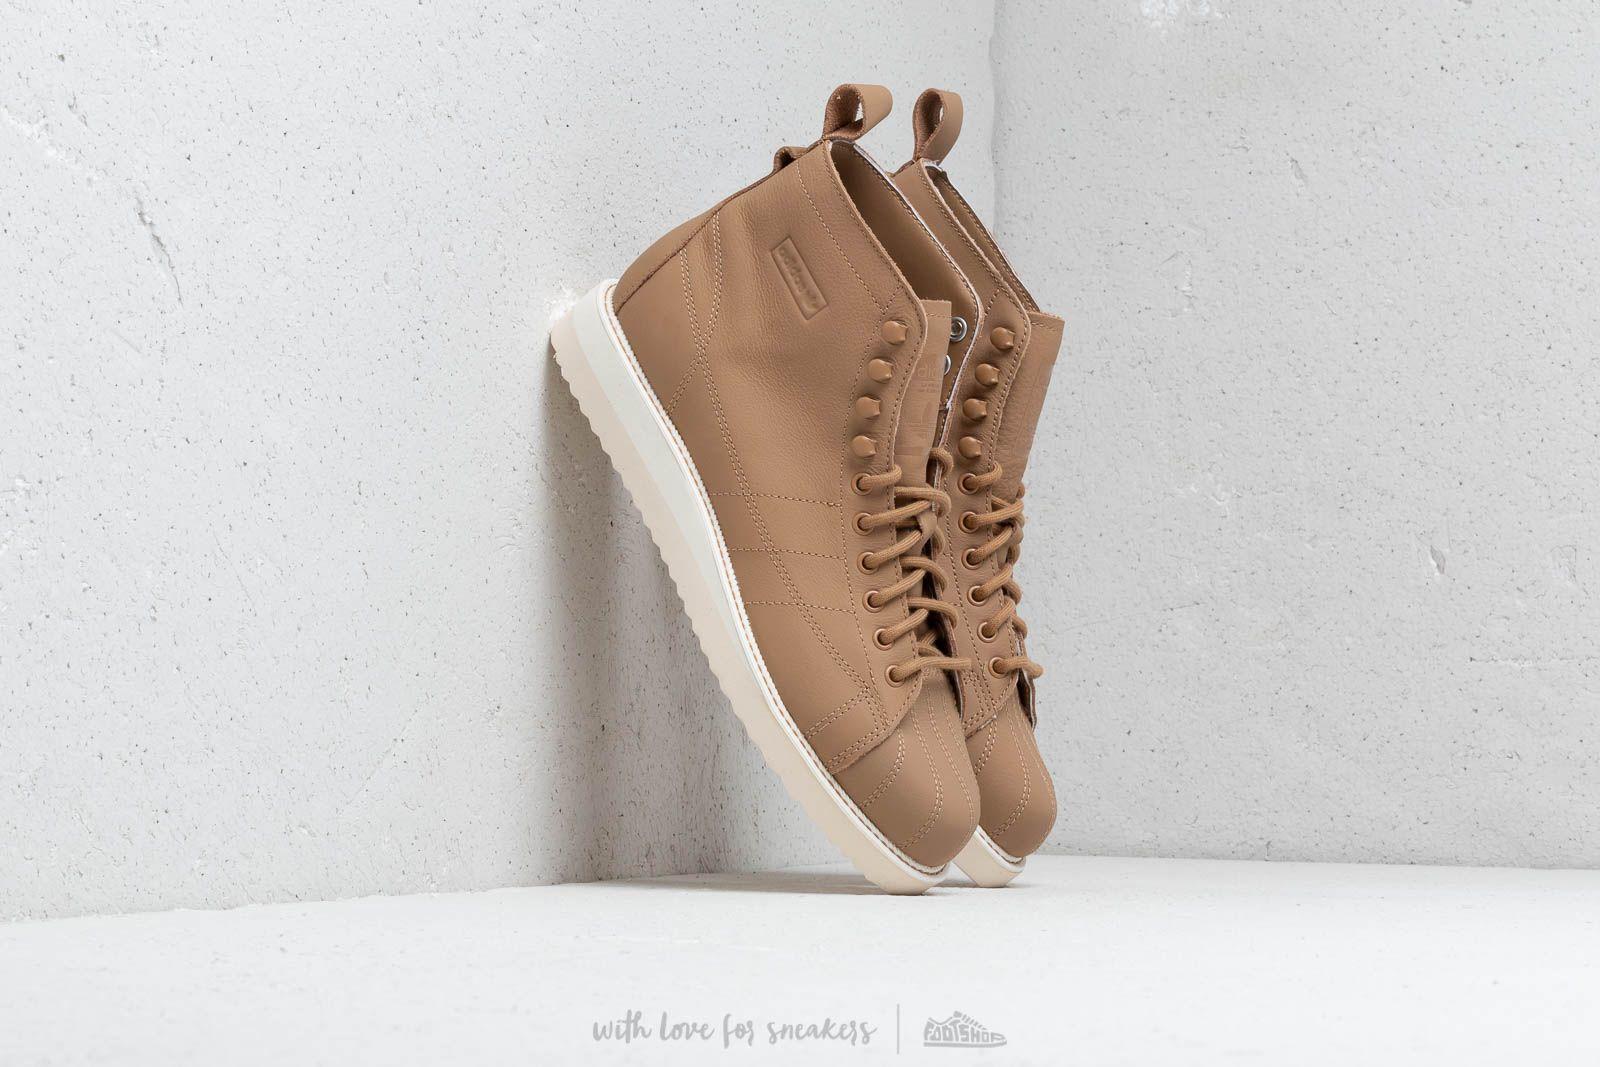 adidas Superstar Boot W Cardbo/ Cardbo/ Off White za skvelú cenu 82 € kúpite na Footshop.sk